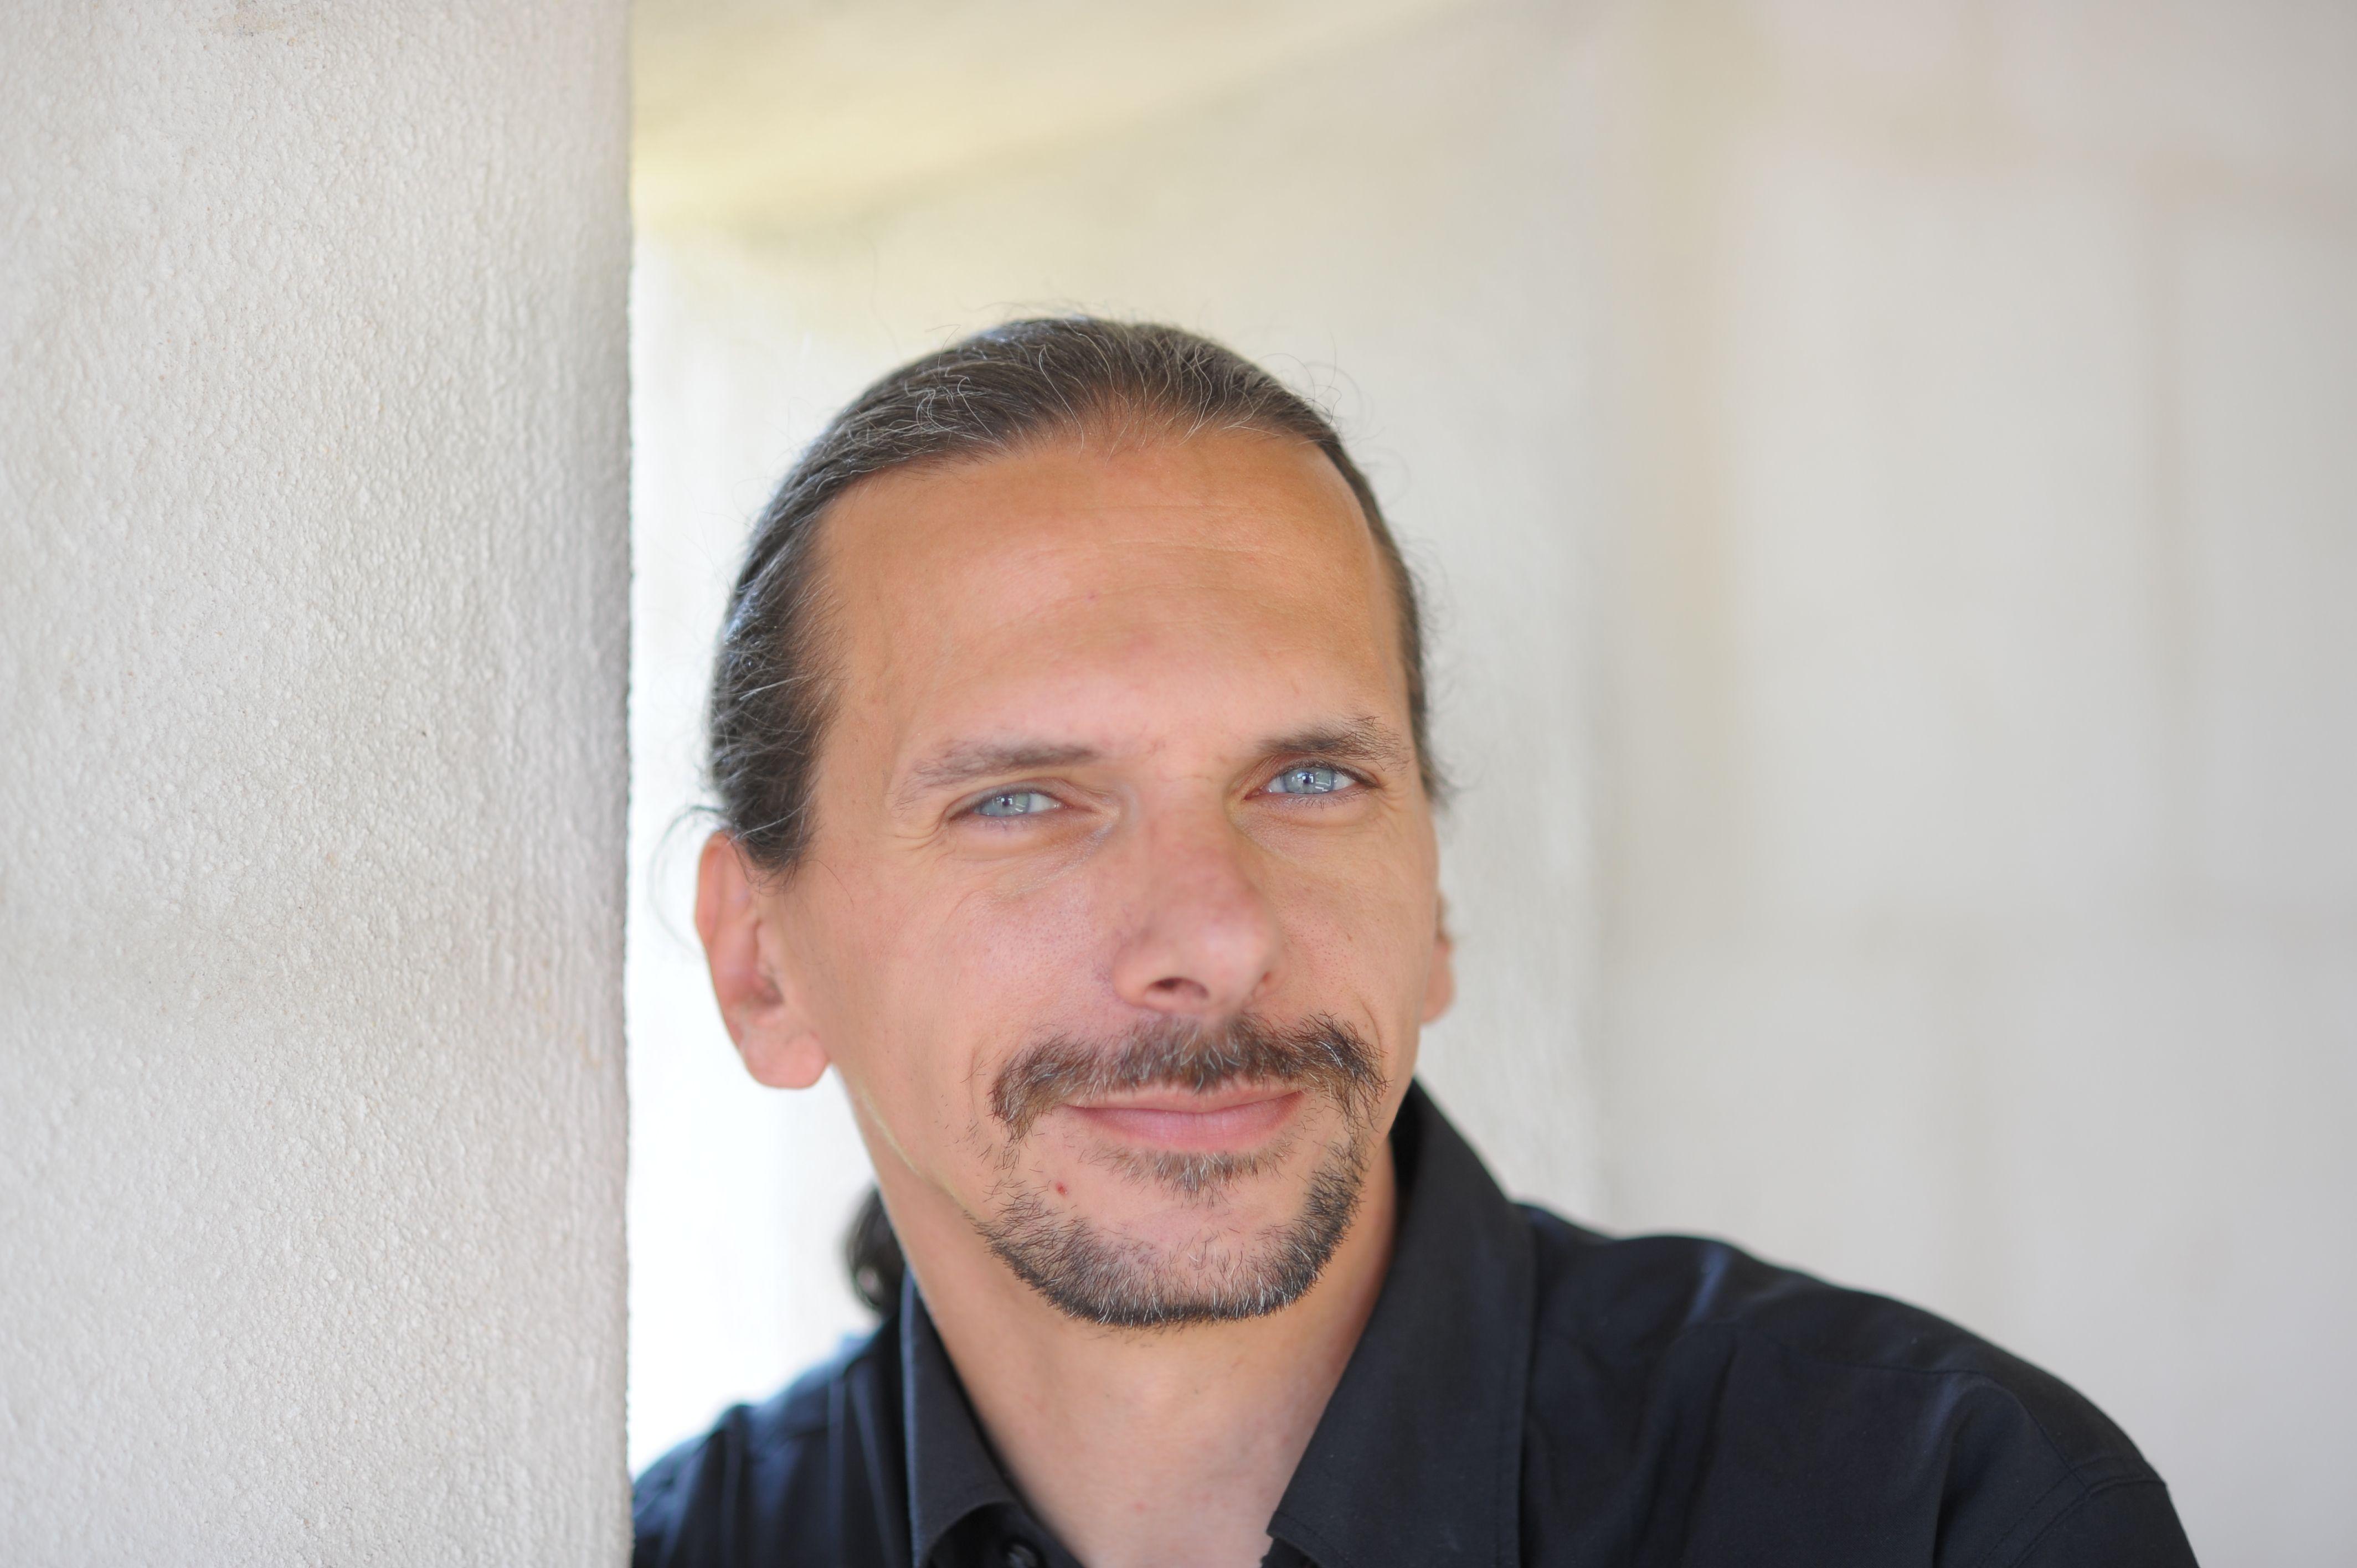 Michael Malina